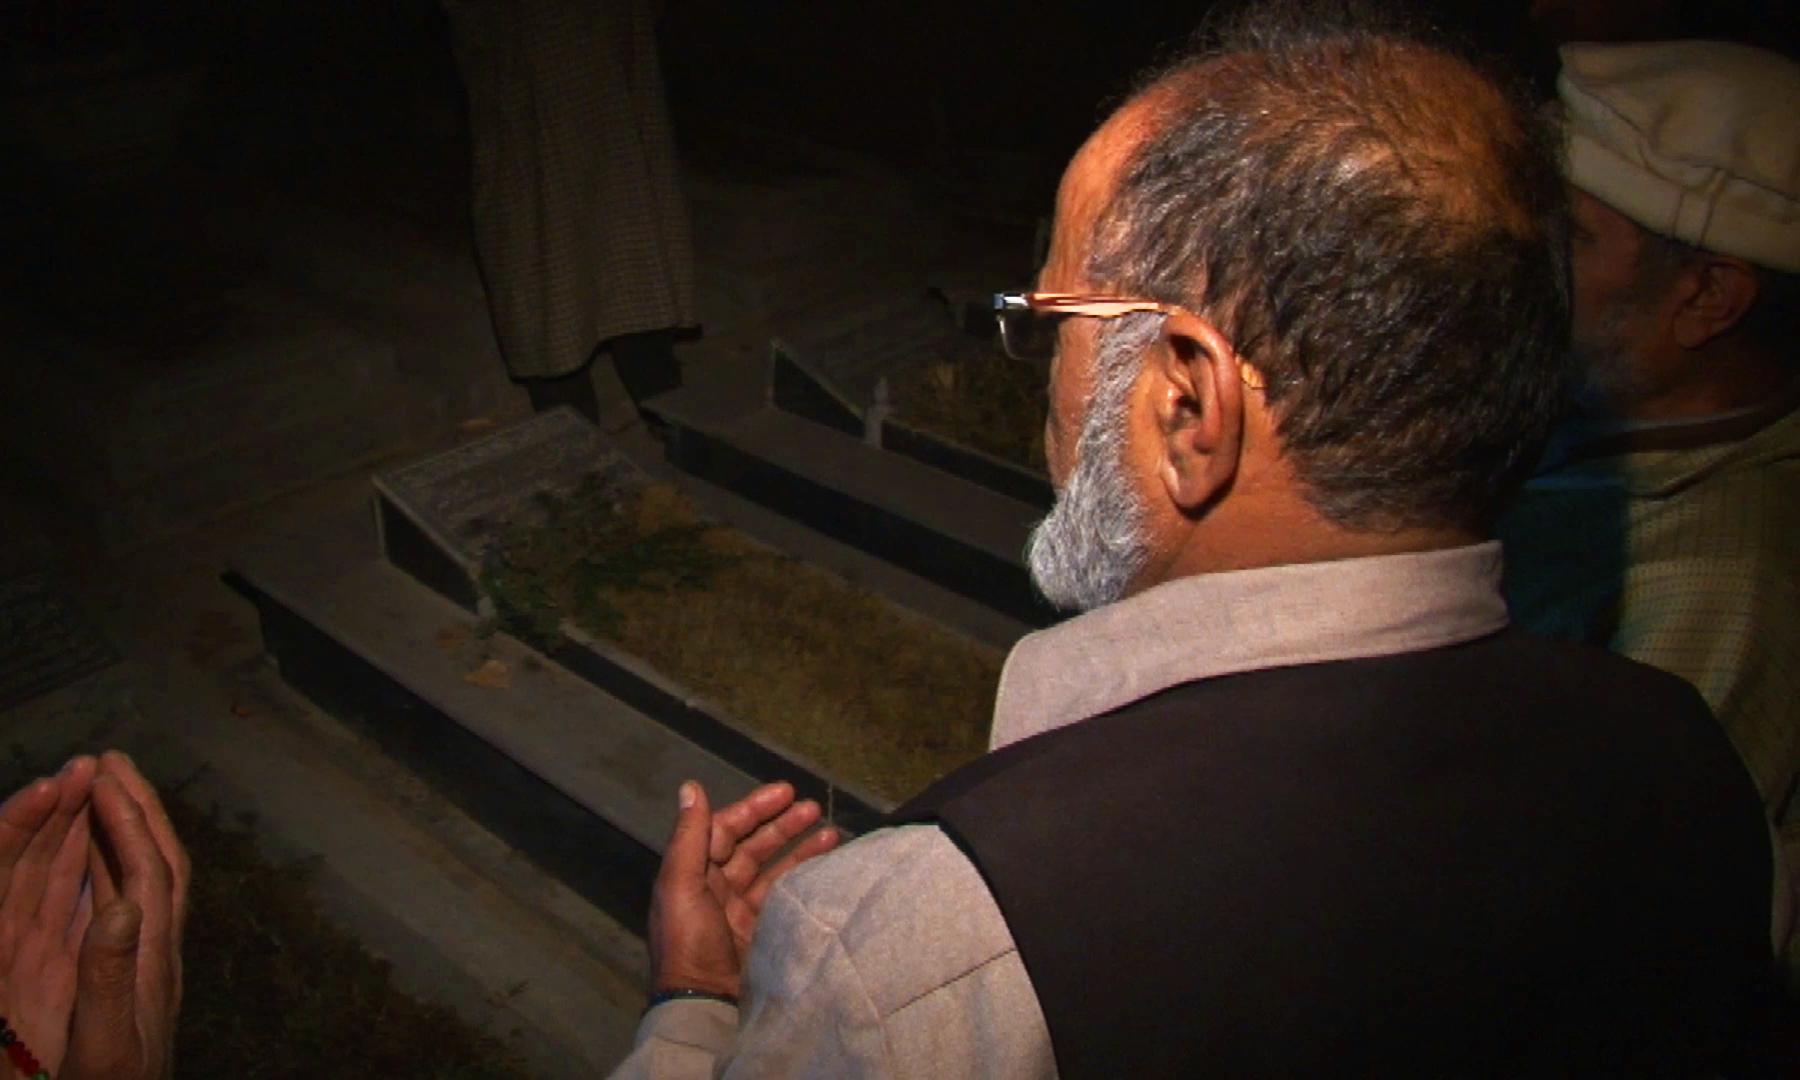 محمد اشرف اپنی والدہ کی قبر پر فاتحہ خوانی کر رہے ہیں — تصویر نوید نسیم